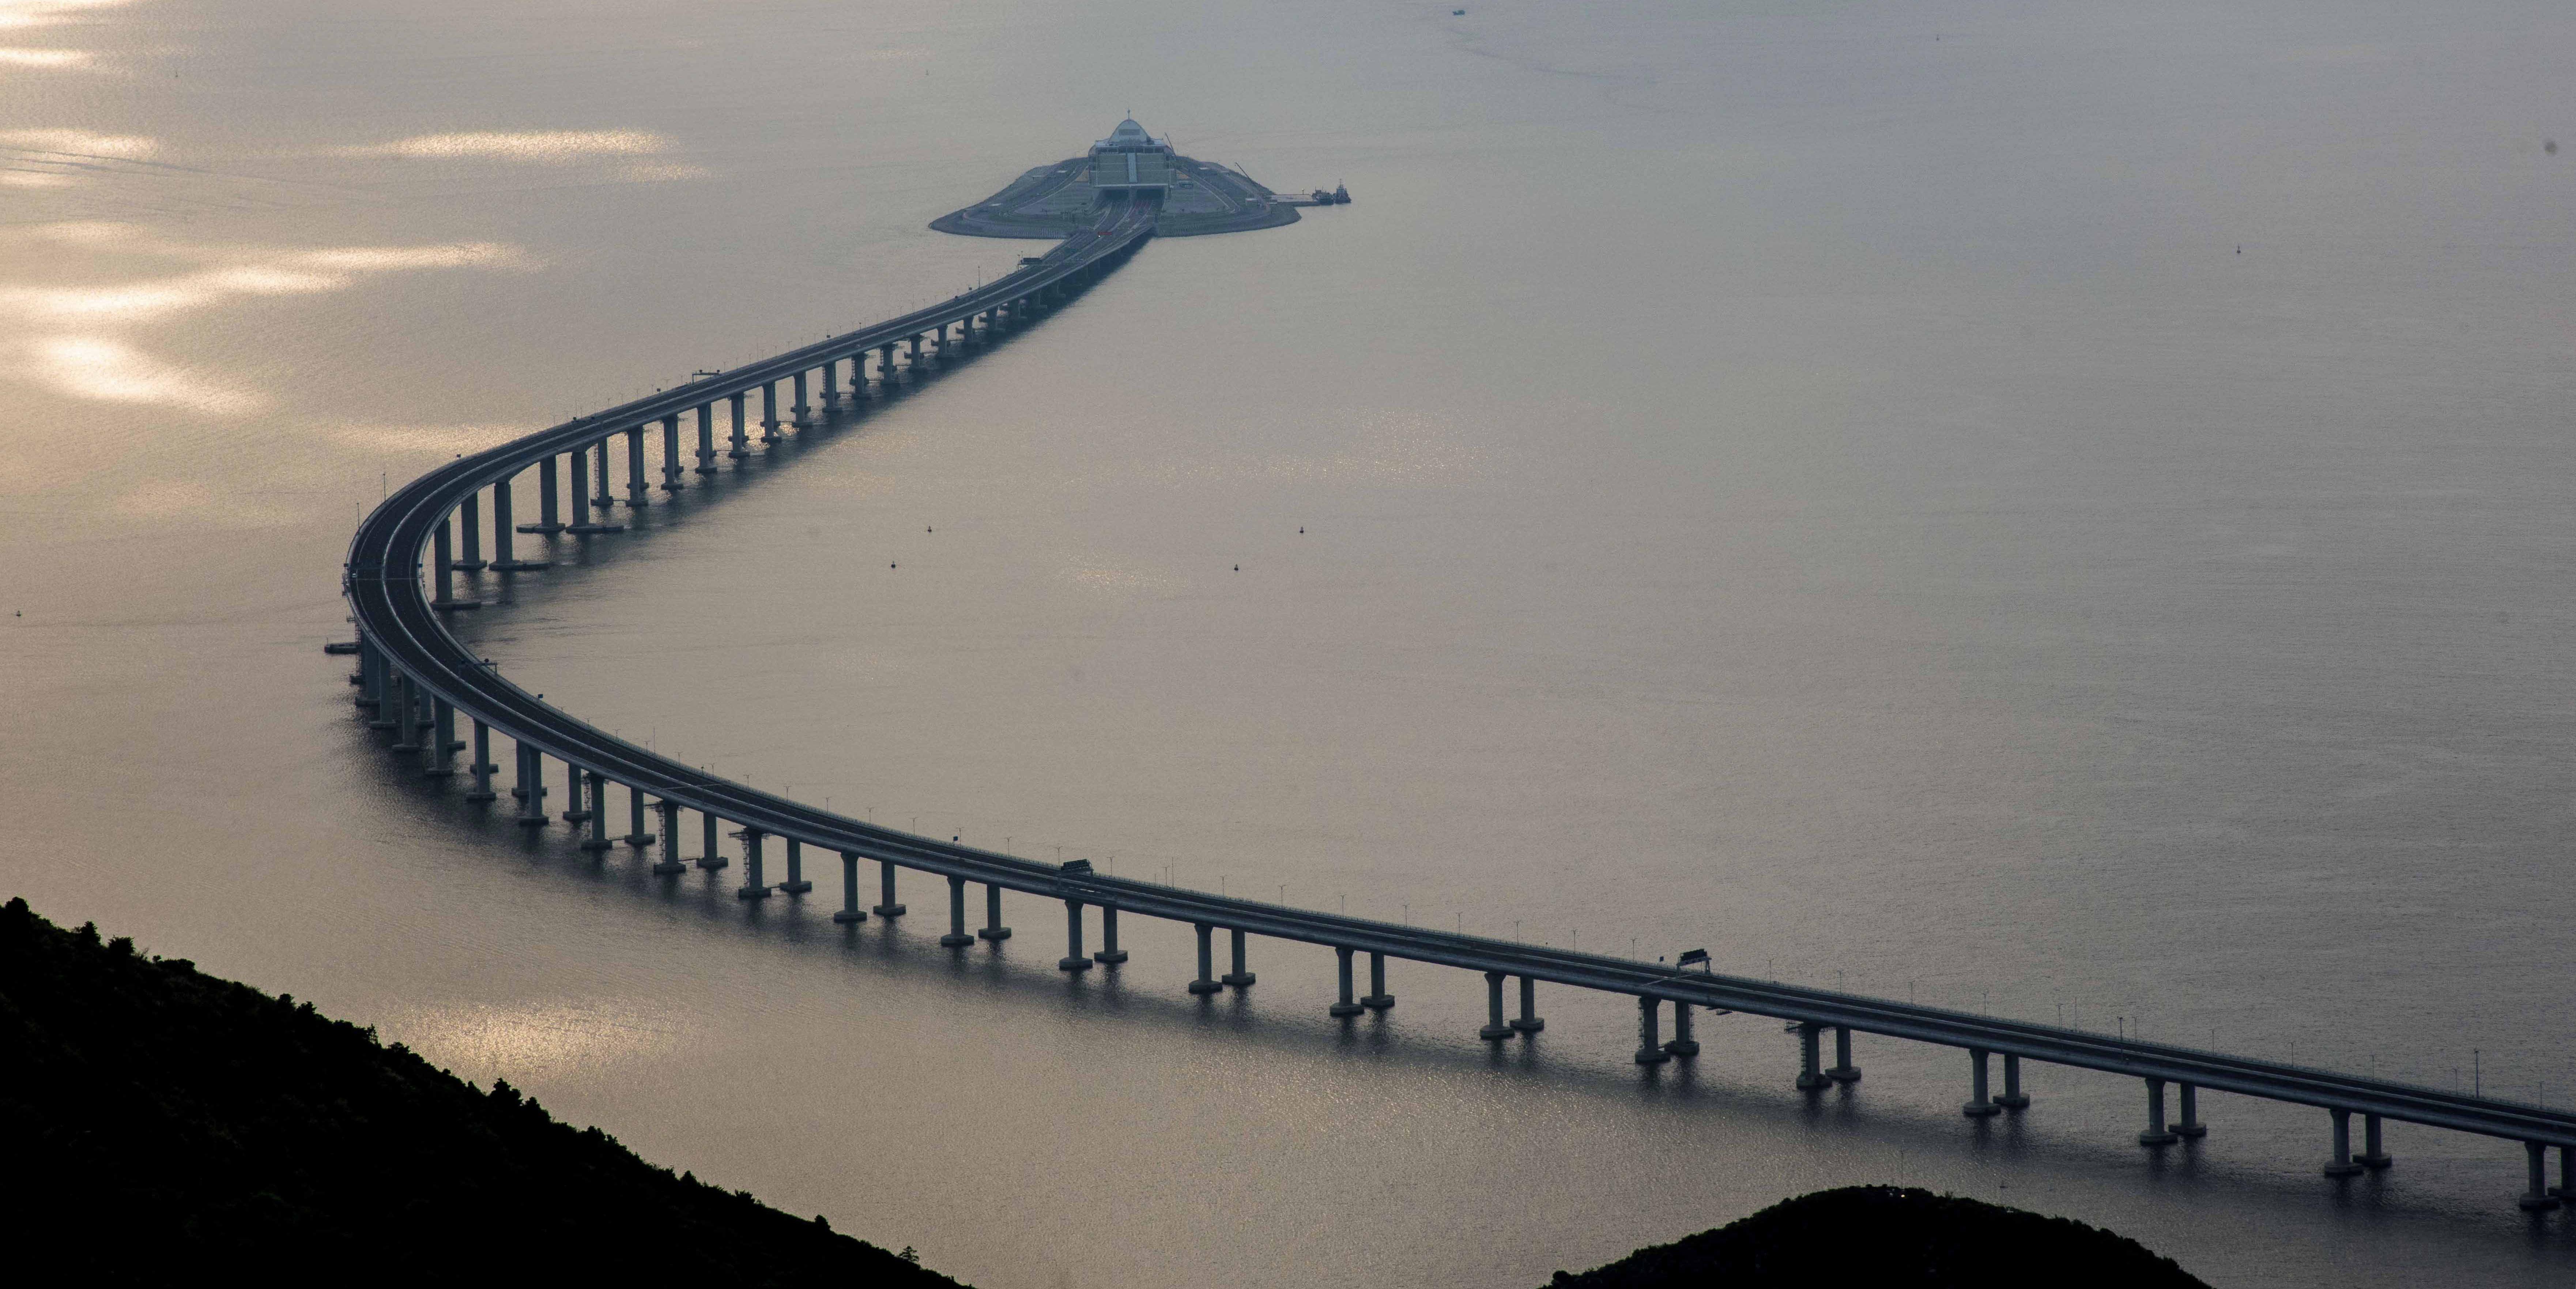 Bird view of Hong Kong-Zhuhai-Macao Bridge